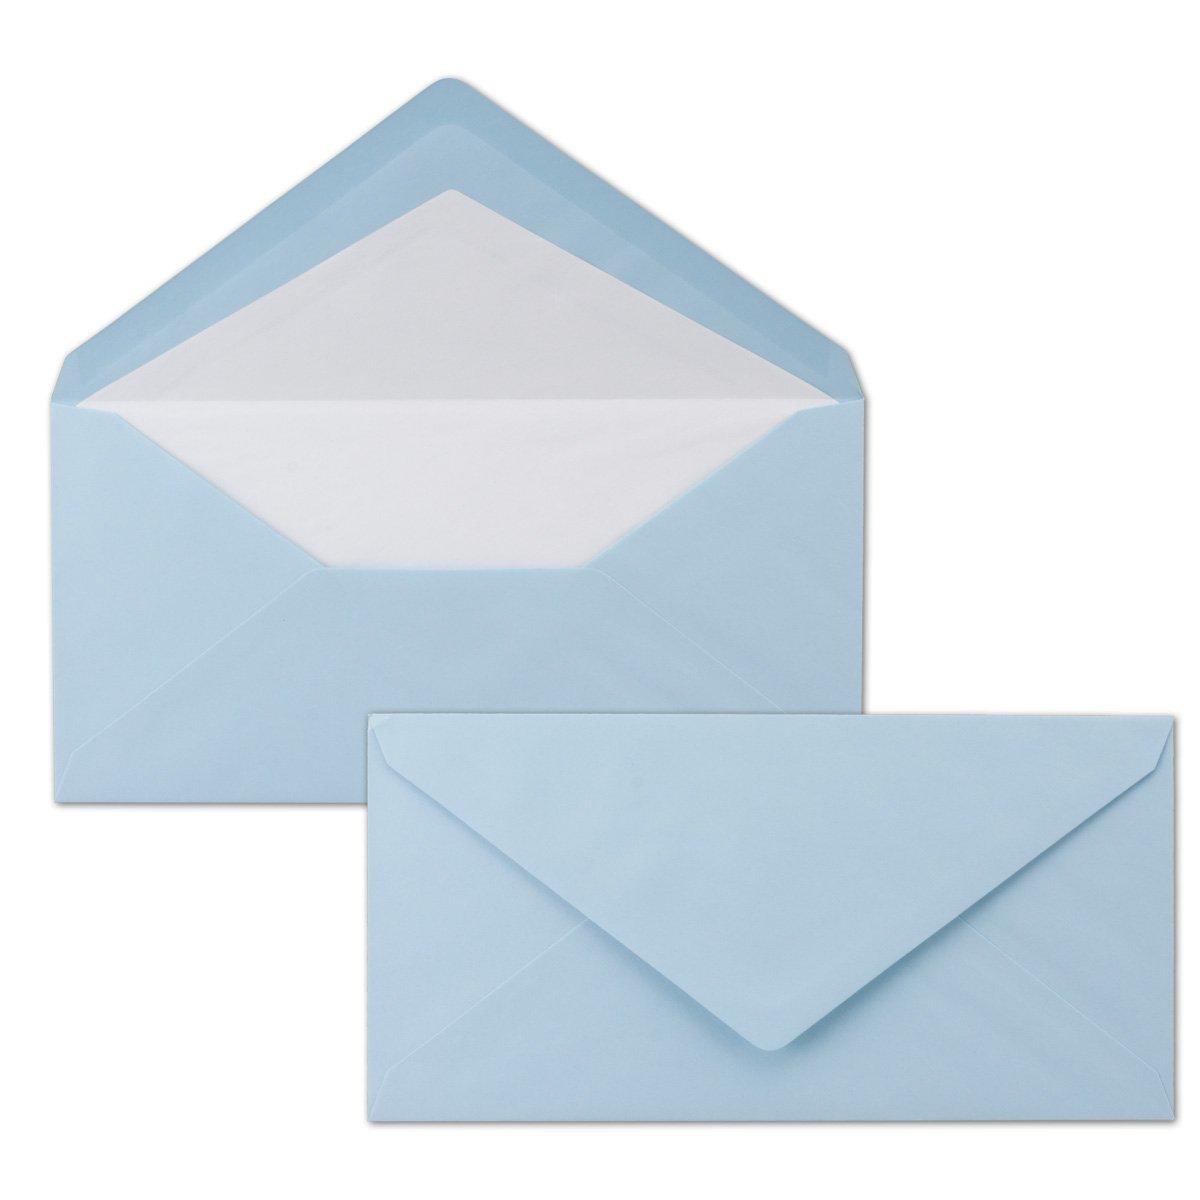 300 DIN Lang Briefumschläge - bunt mit weißem Seidenfutter - Rosa - 11x22 cm - 80 g m² - ideal für Einladungen, Weihnachtskarten, Glückwunschkarten aus der Serie Farbenfroh B079Y3SYBY | Moderate Kosten